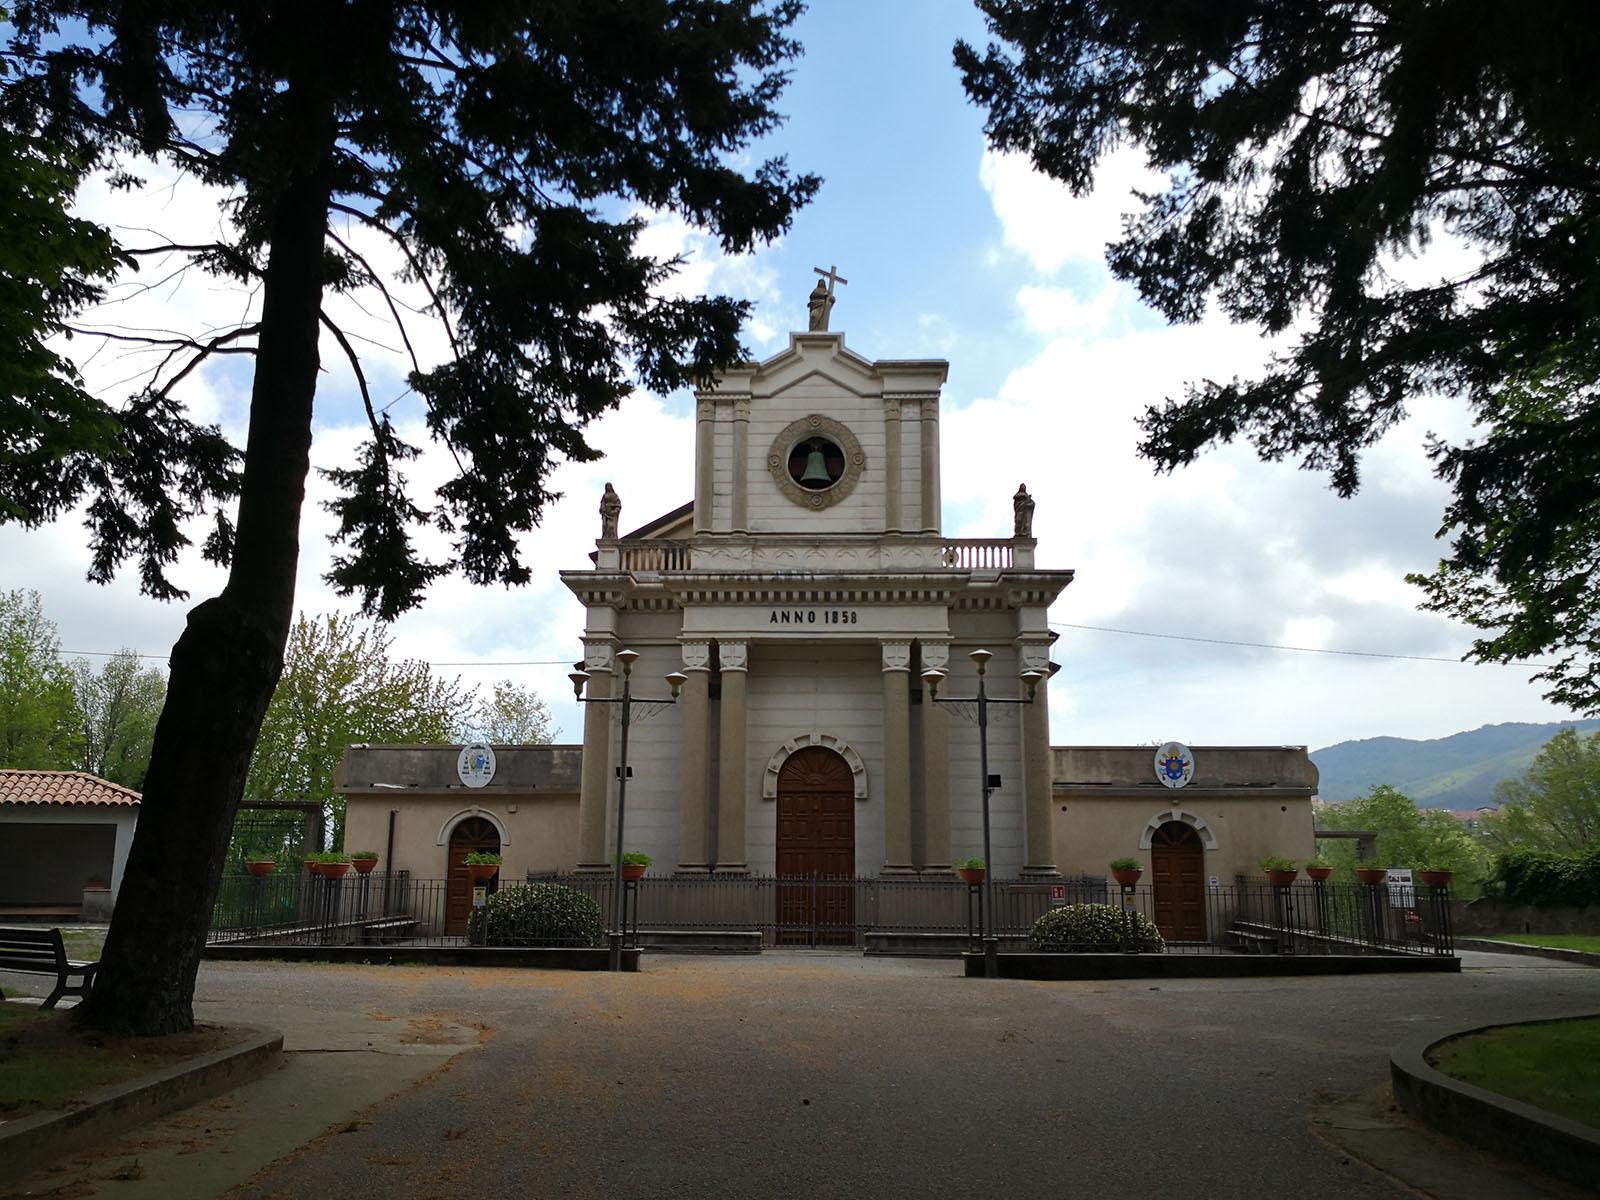 Torre di Ruggiero: Chiesa delle Grazie